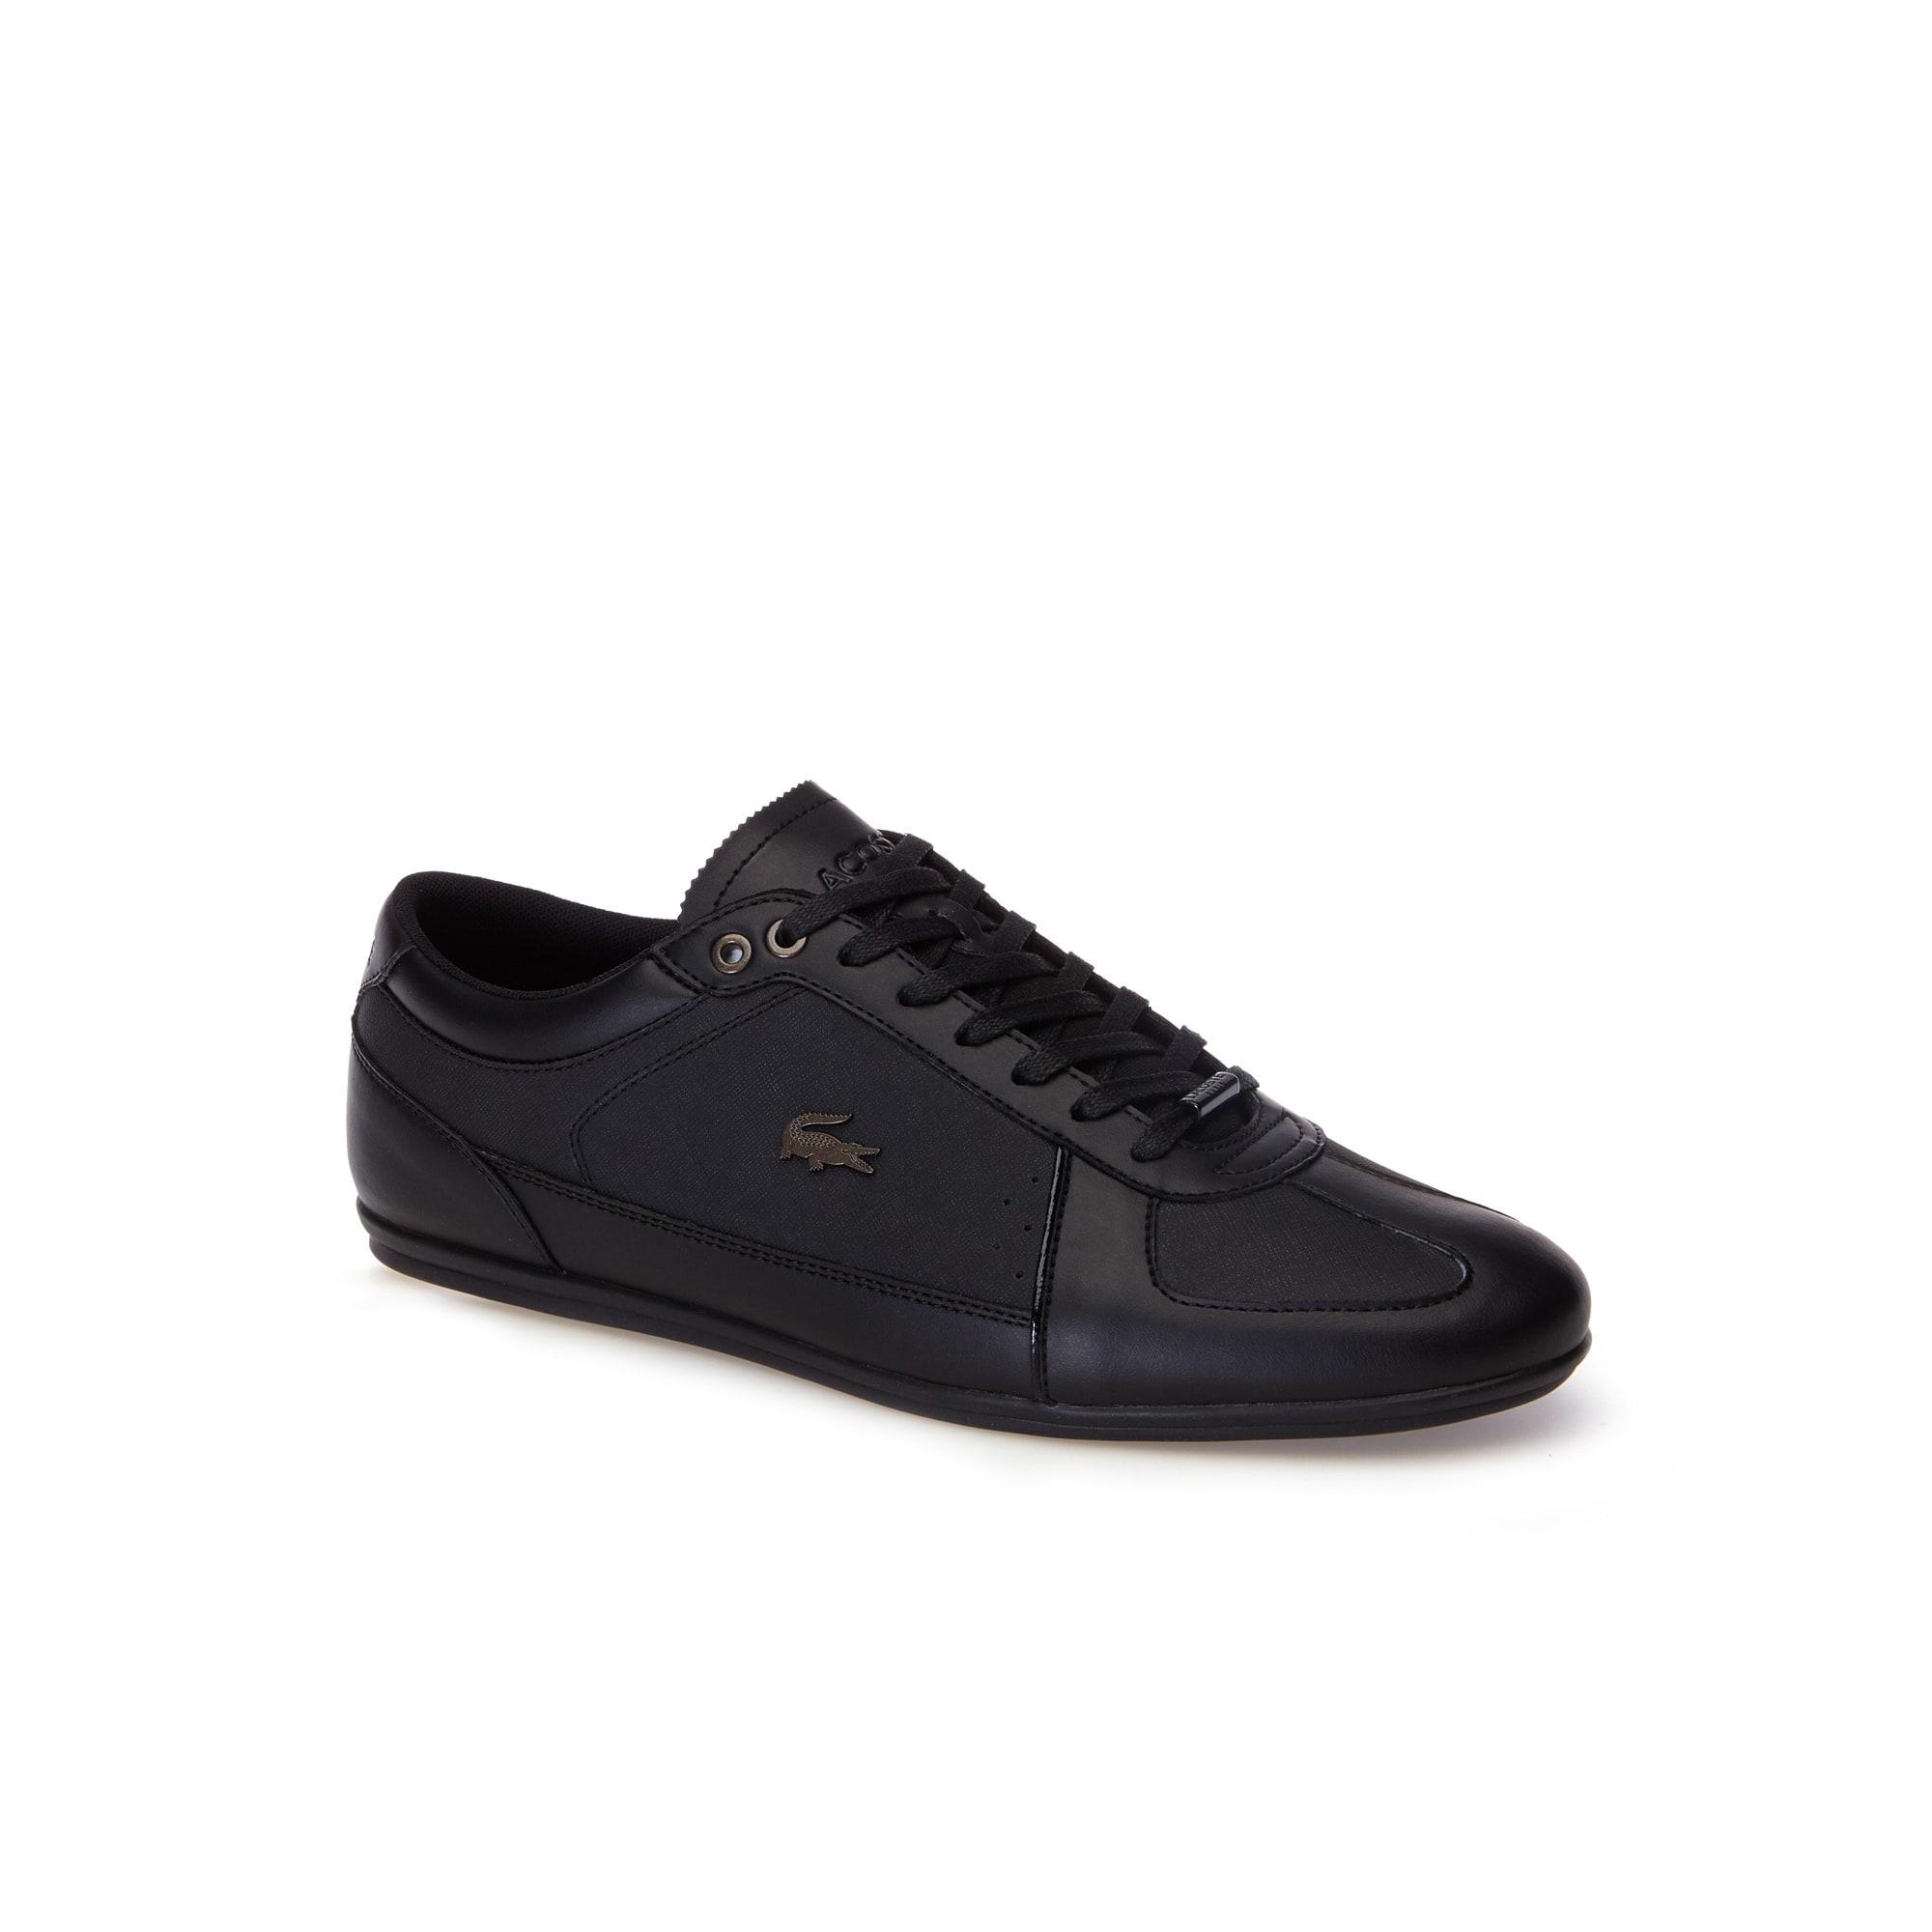 Sneakers Evara homme en cuir